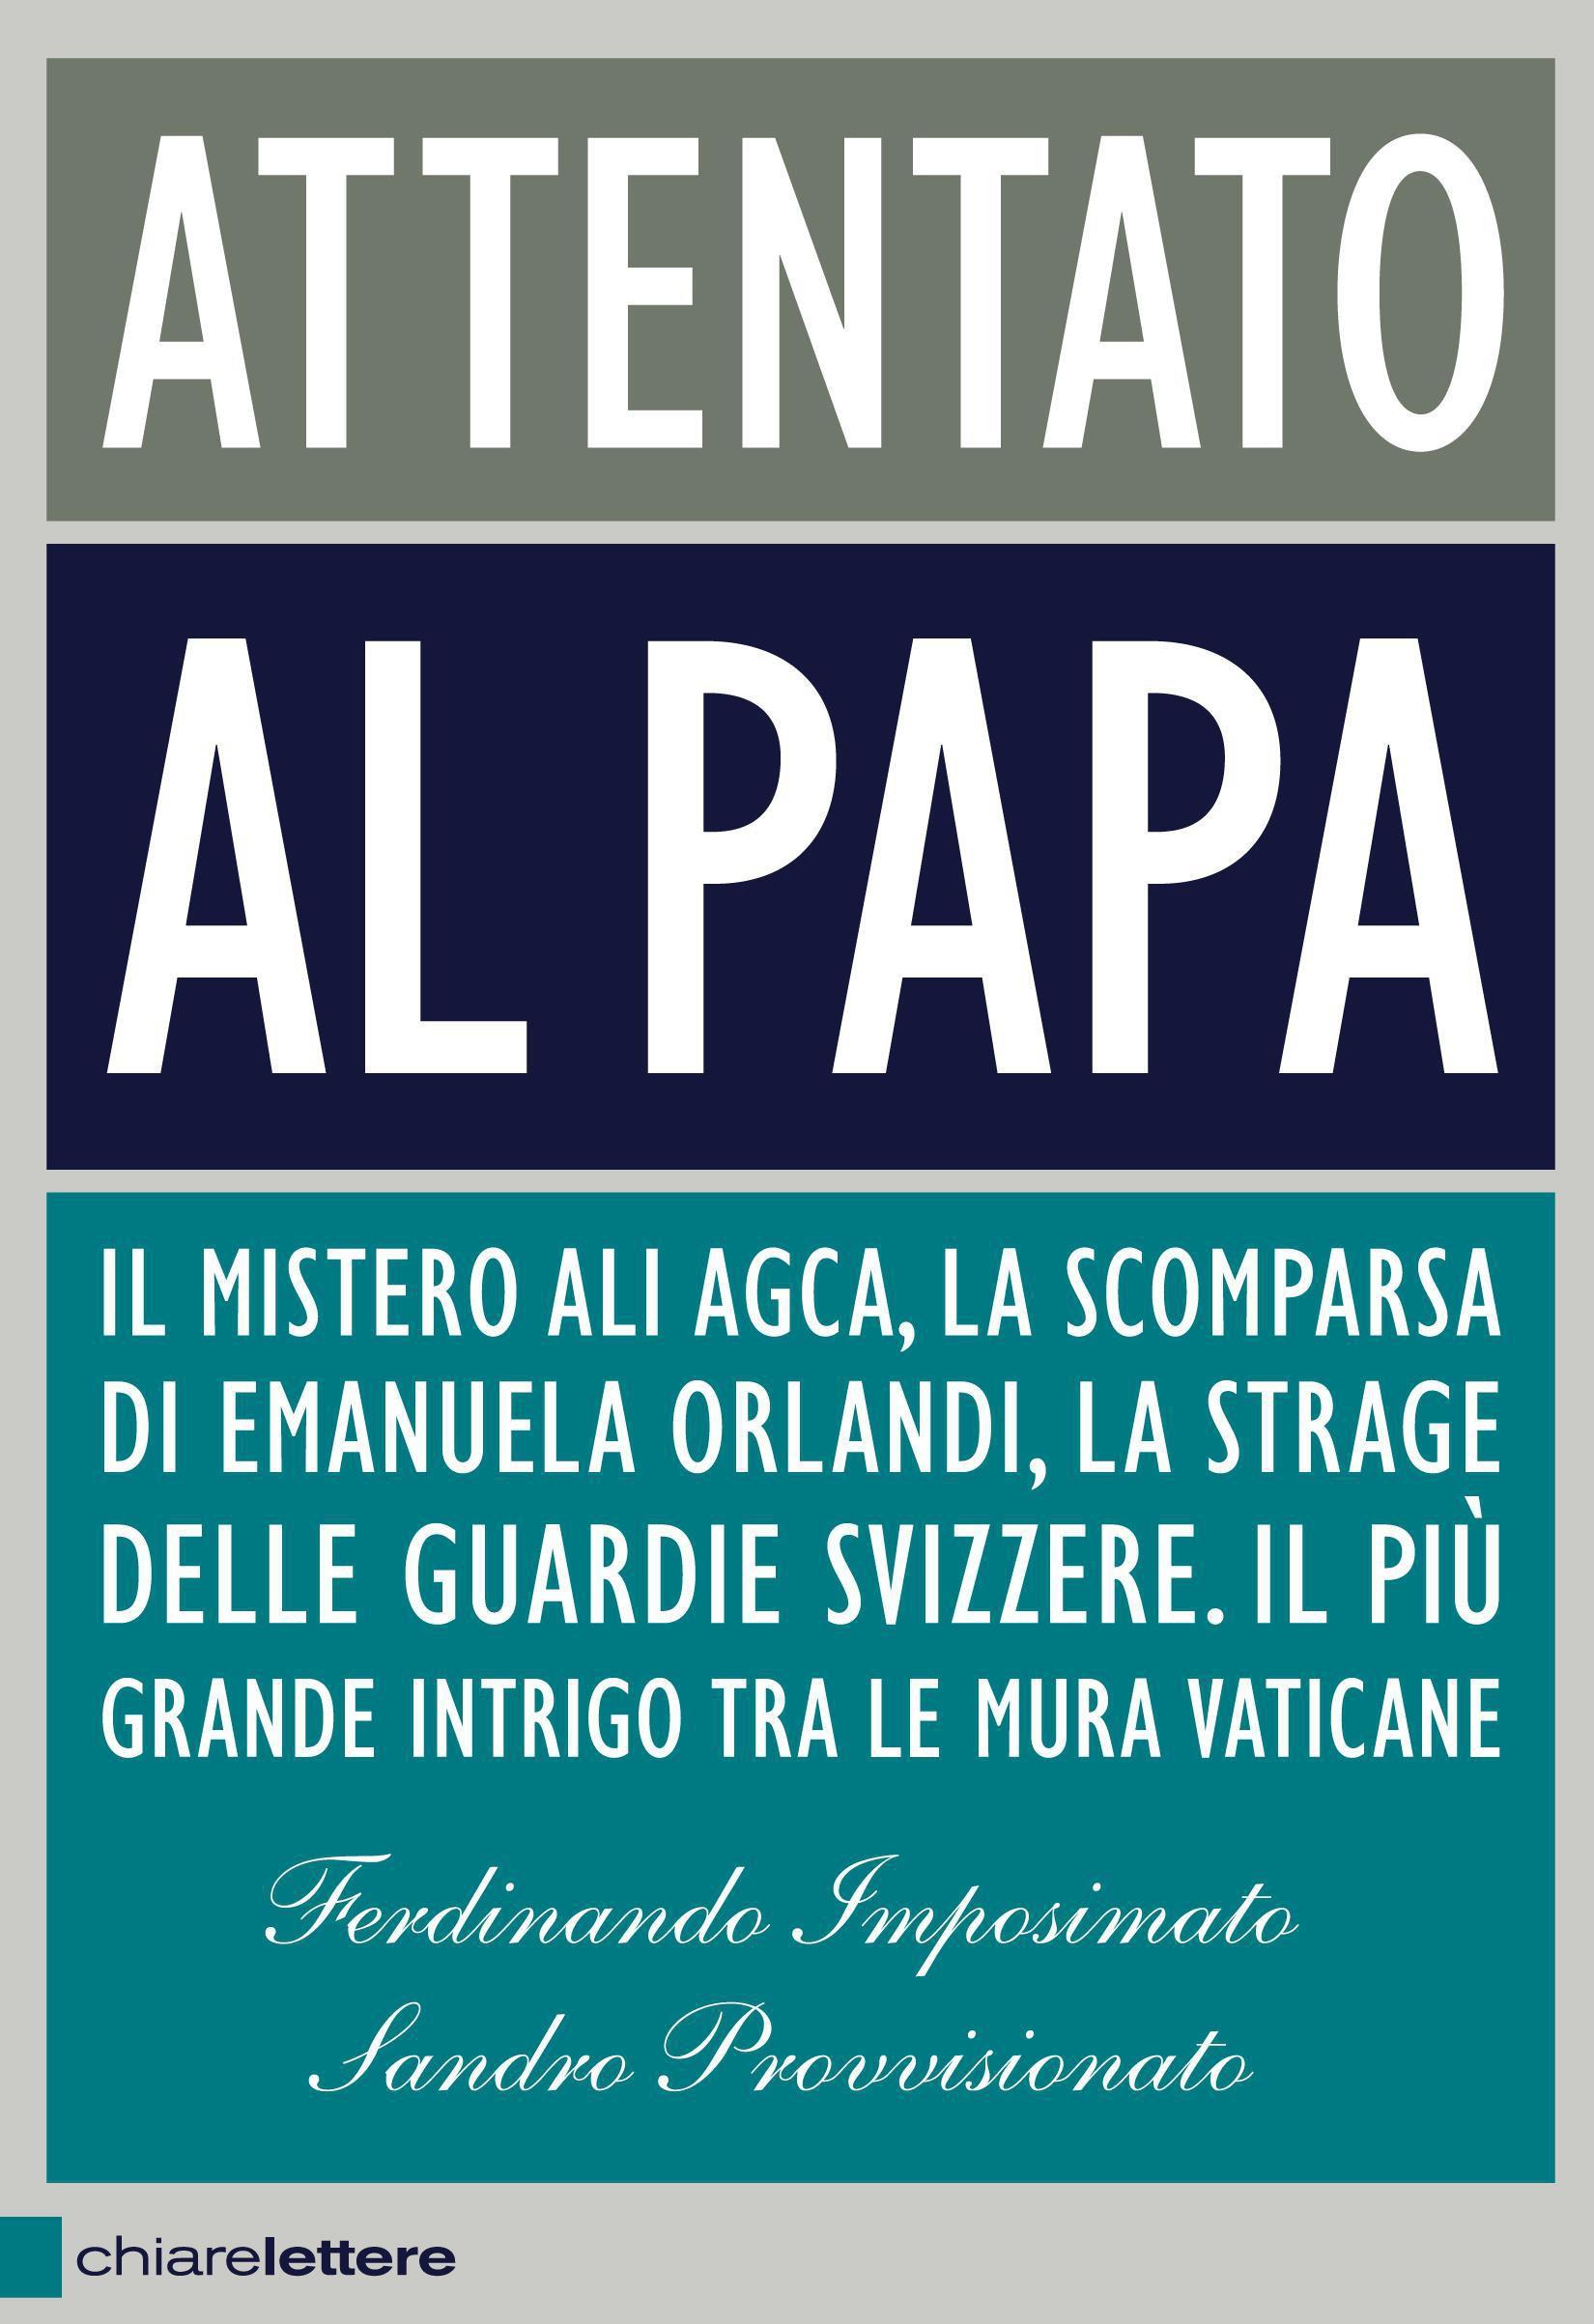 attentato-al-papa